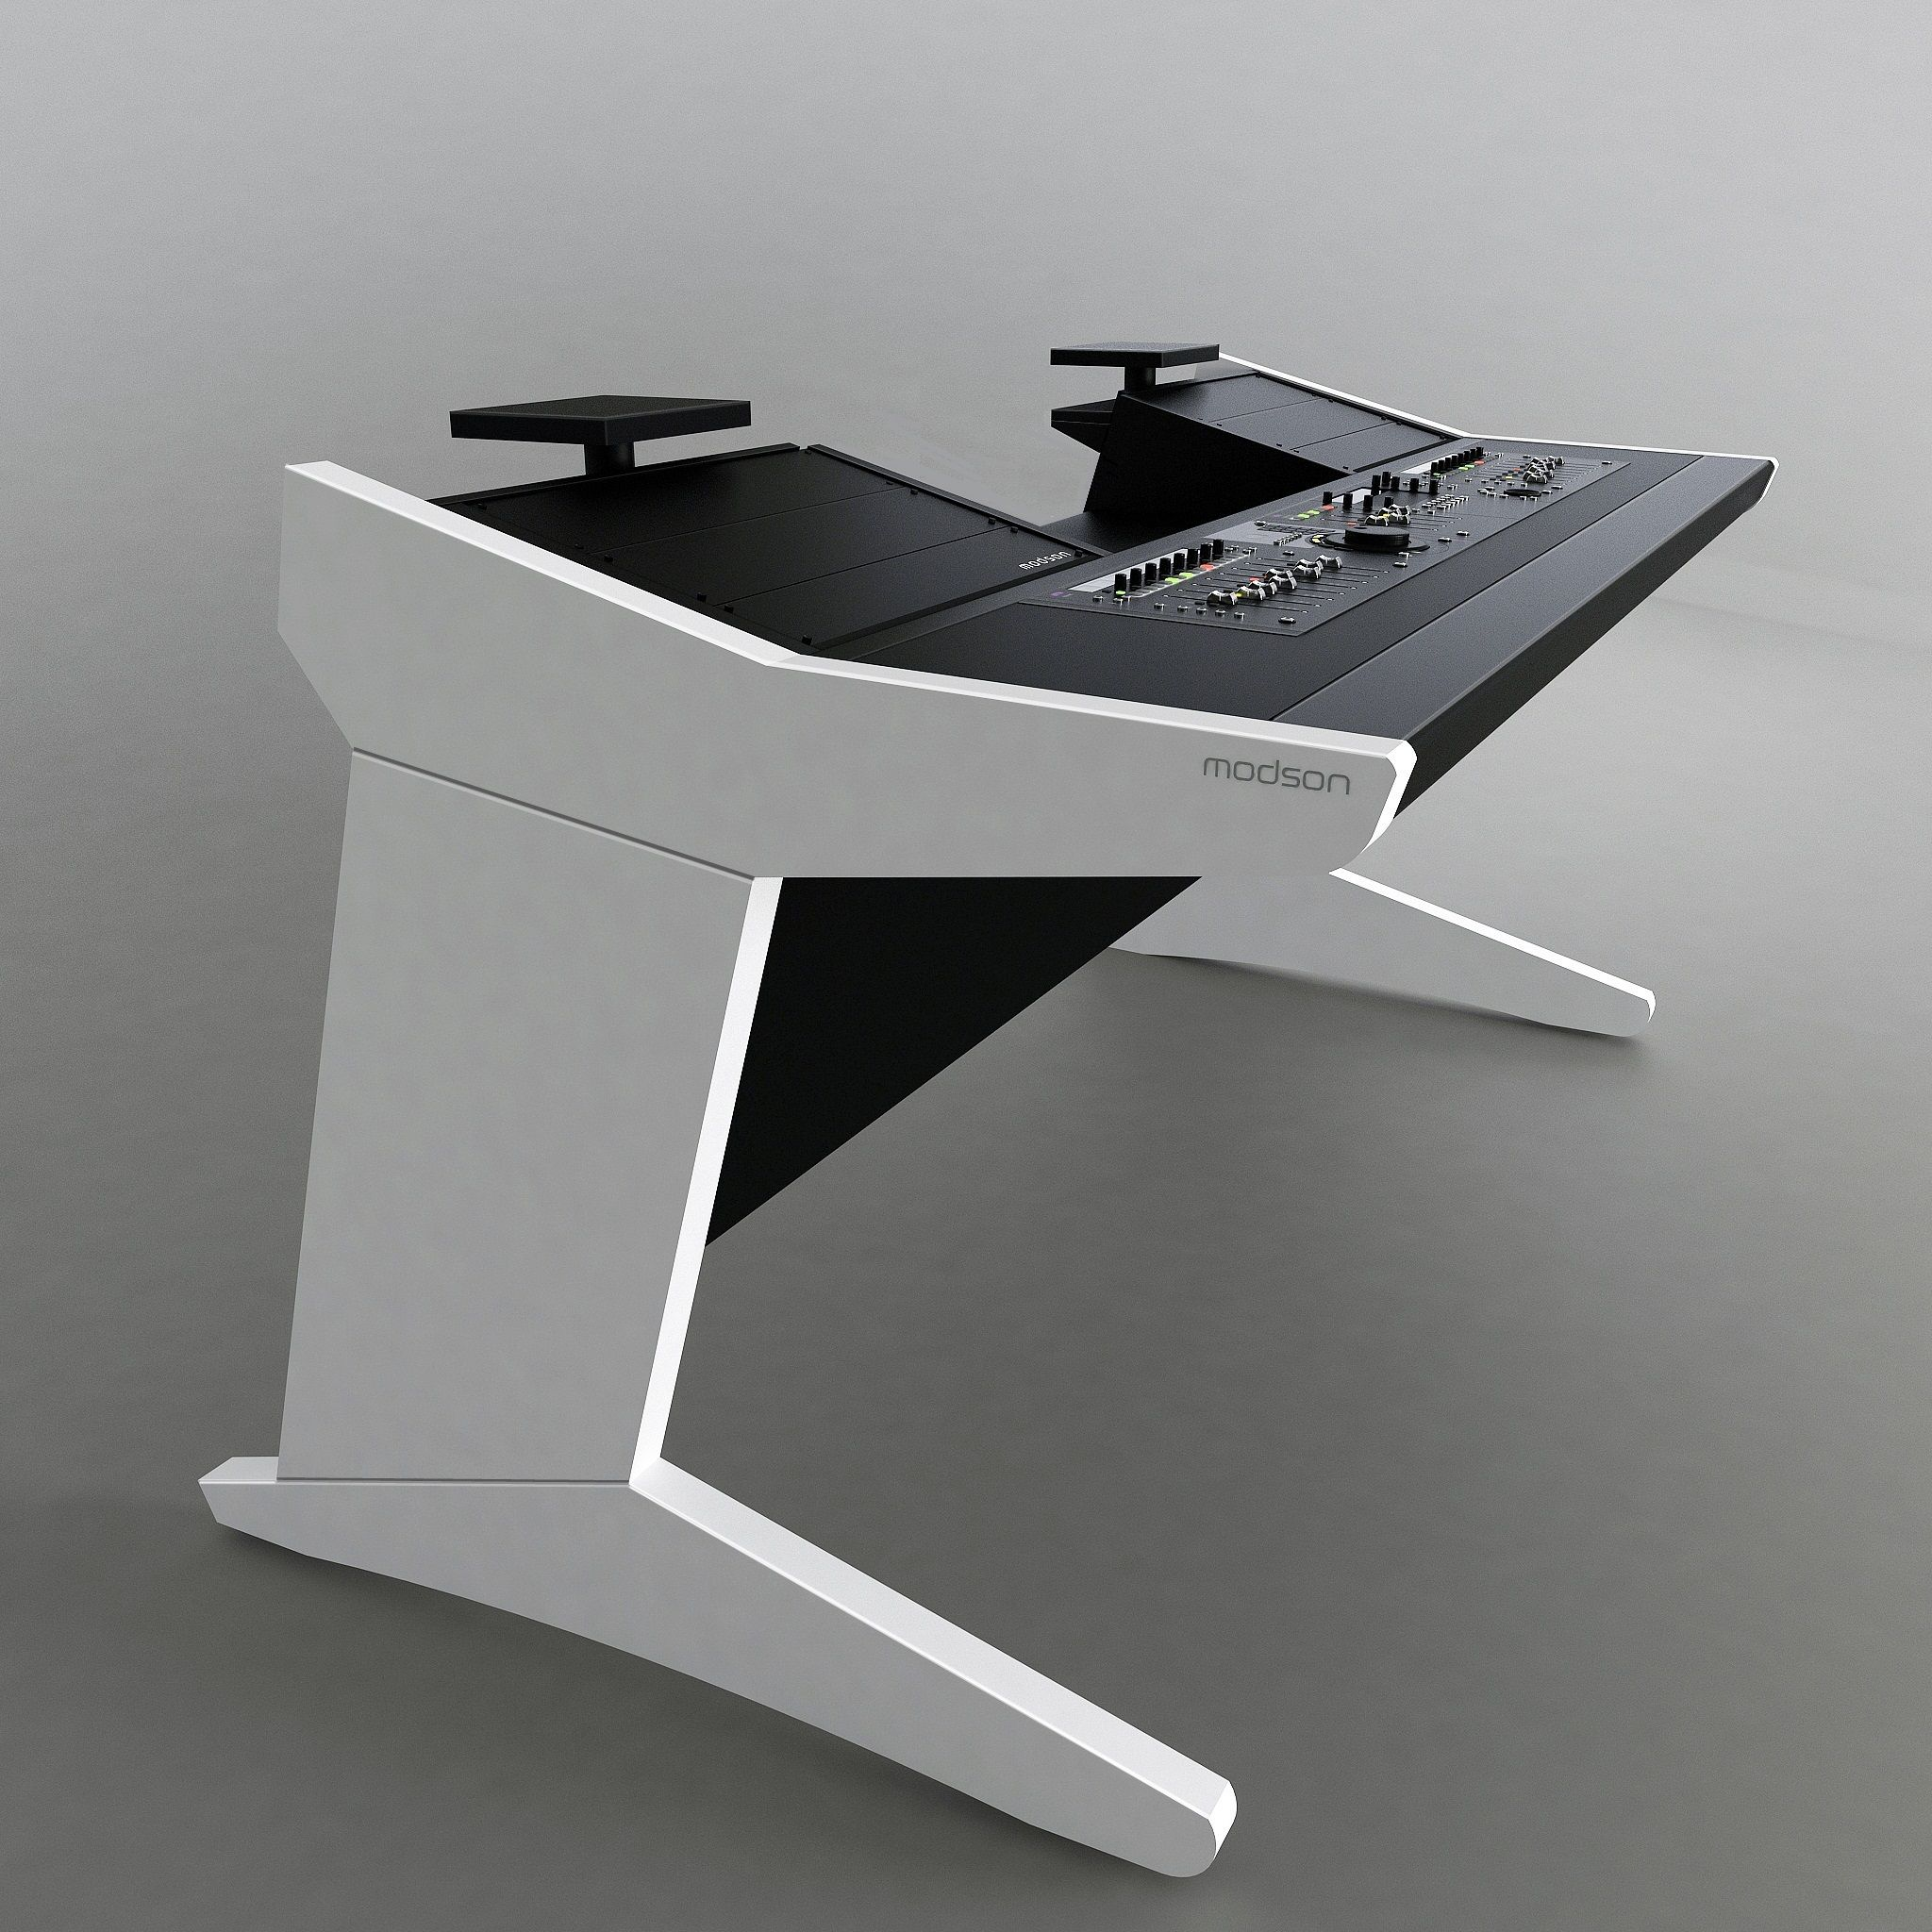 Modson Xplore 2 0 Meuble Studio D Enregistrement Meuble Pour Studio De Recording Studio Furniture Studio Desk Home Studio Desk